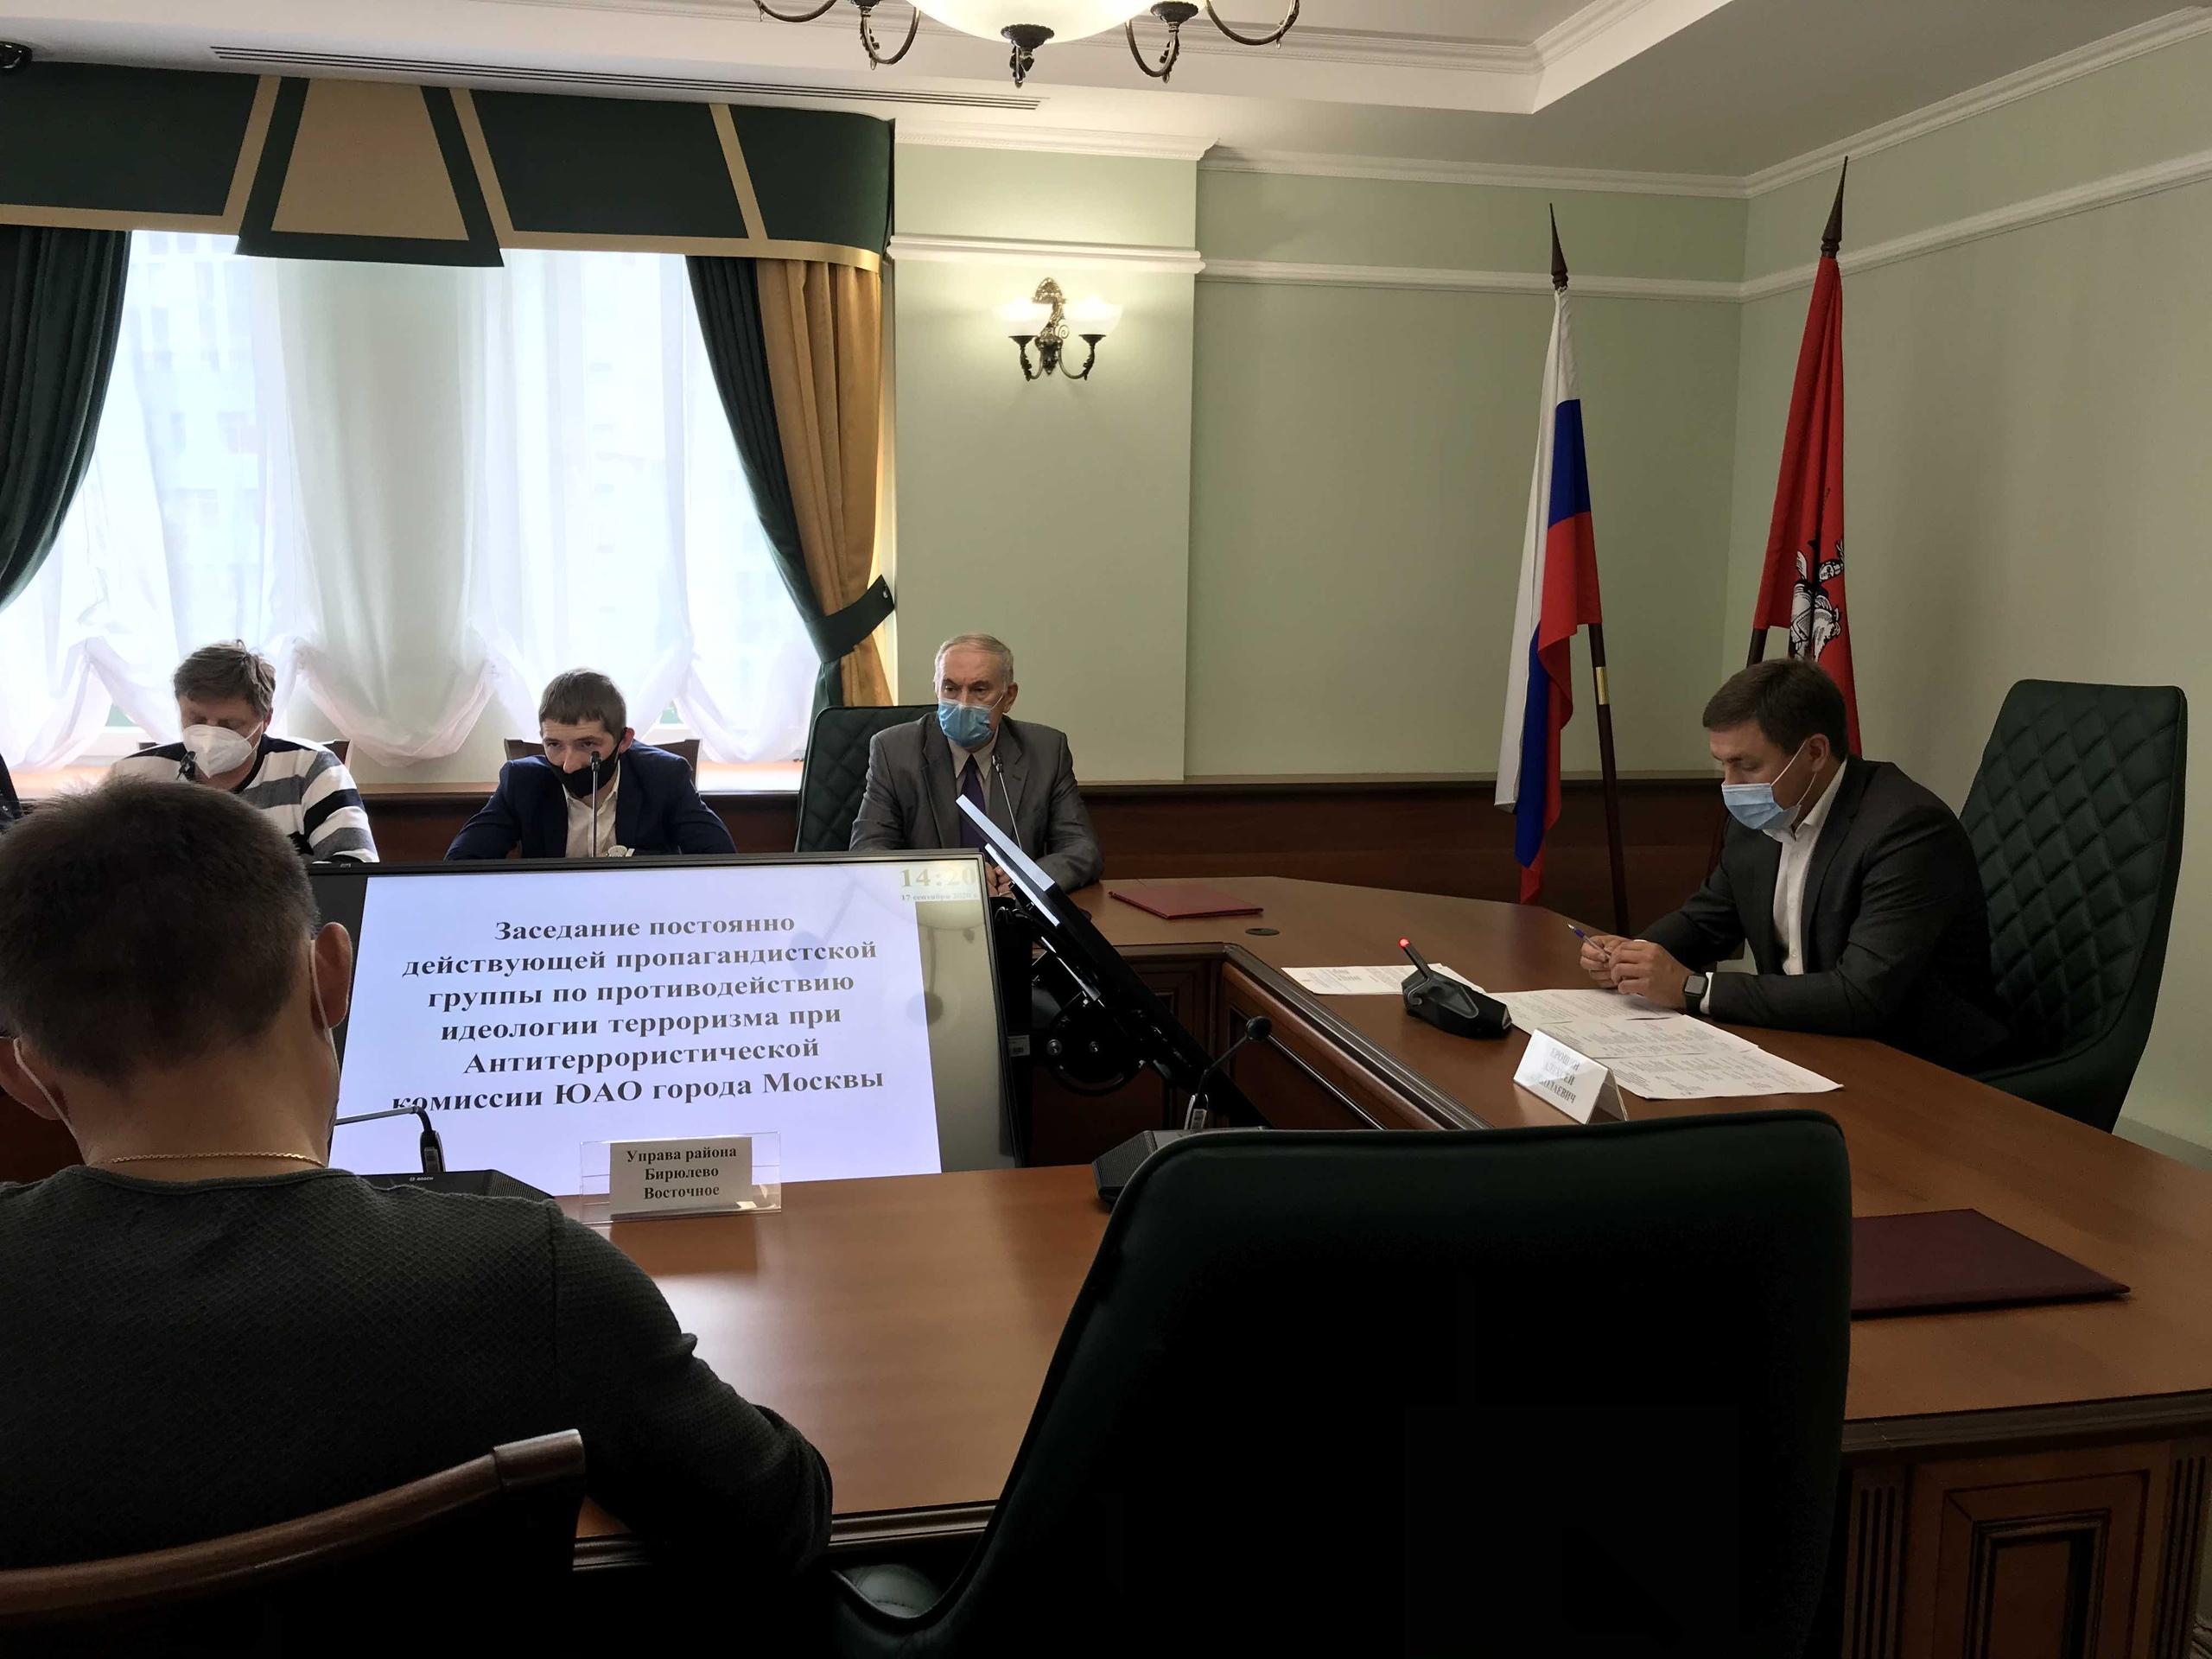 Эффективность мероприятий по борьбе с терроризмом обсудили в Префектуре ЮАО